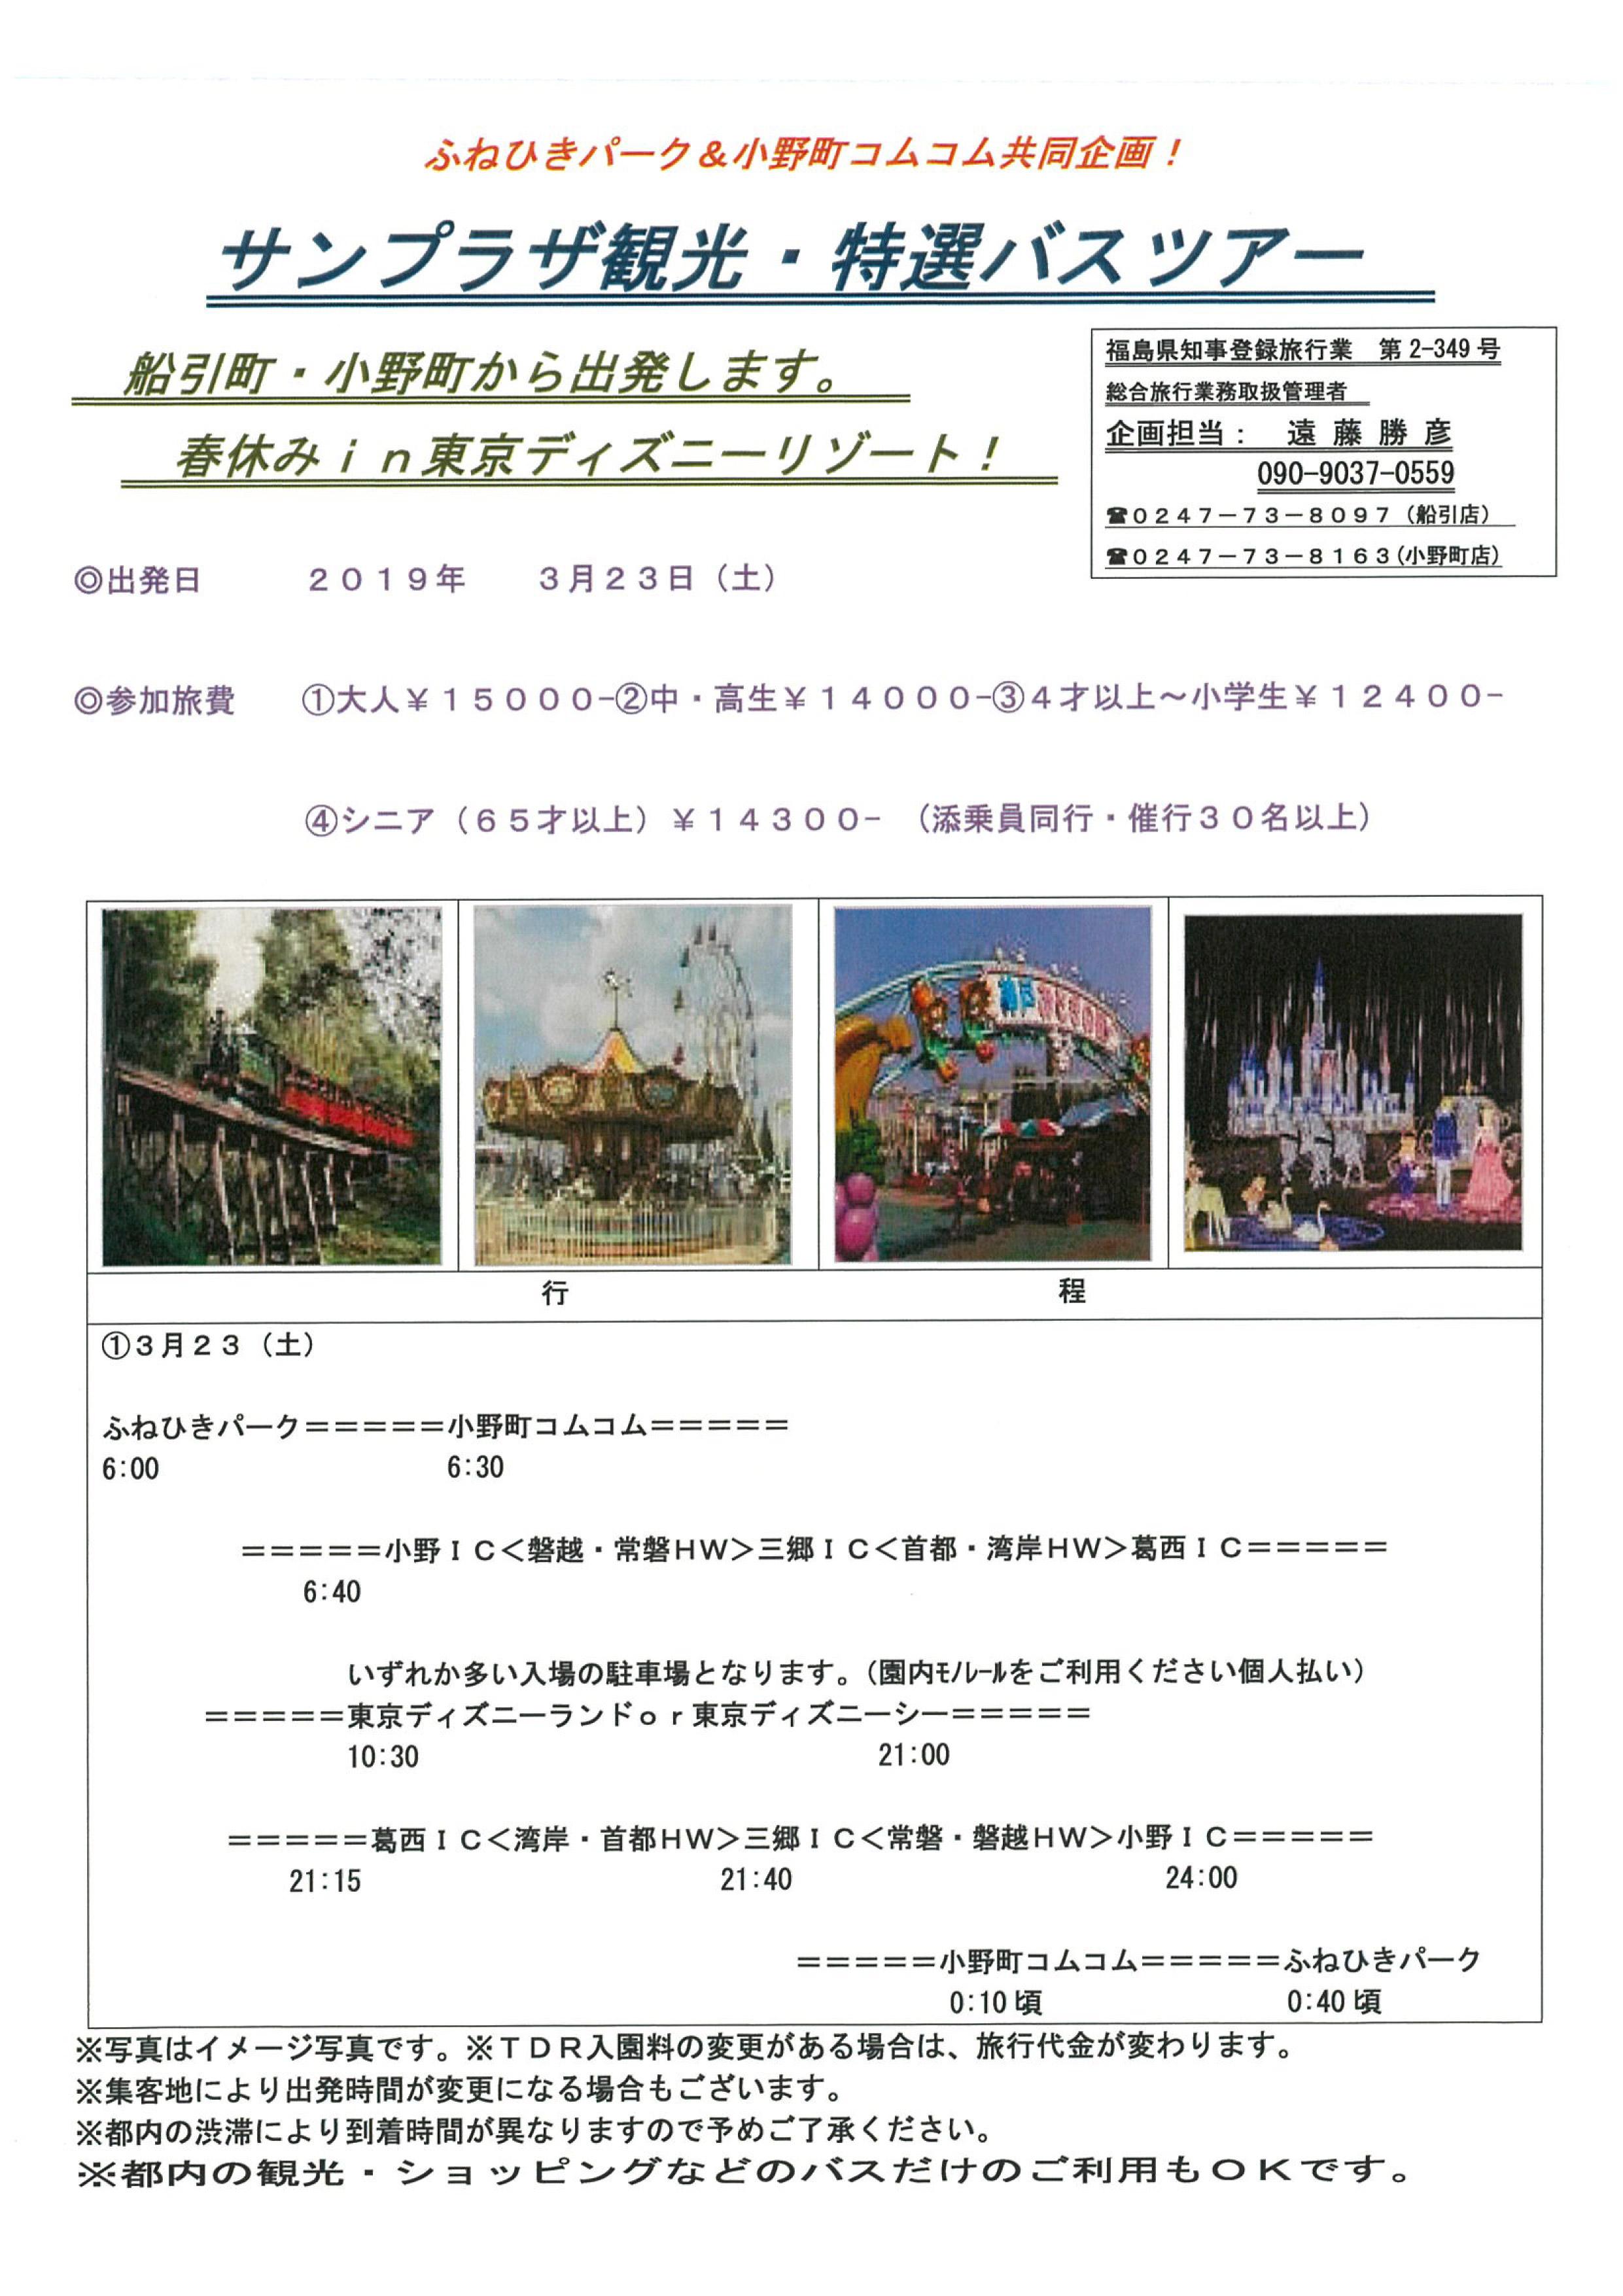 2019年 春休み in 東京ディズニーリゾート! | 国内・海外・バスツアー